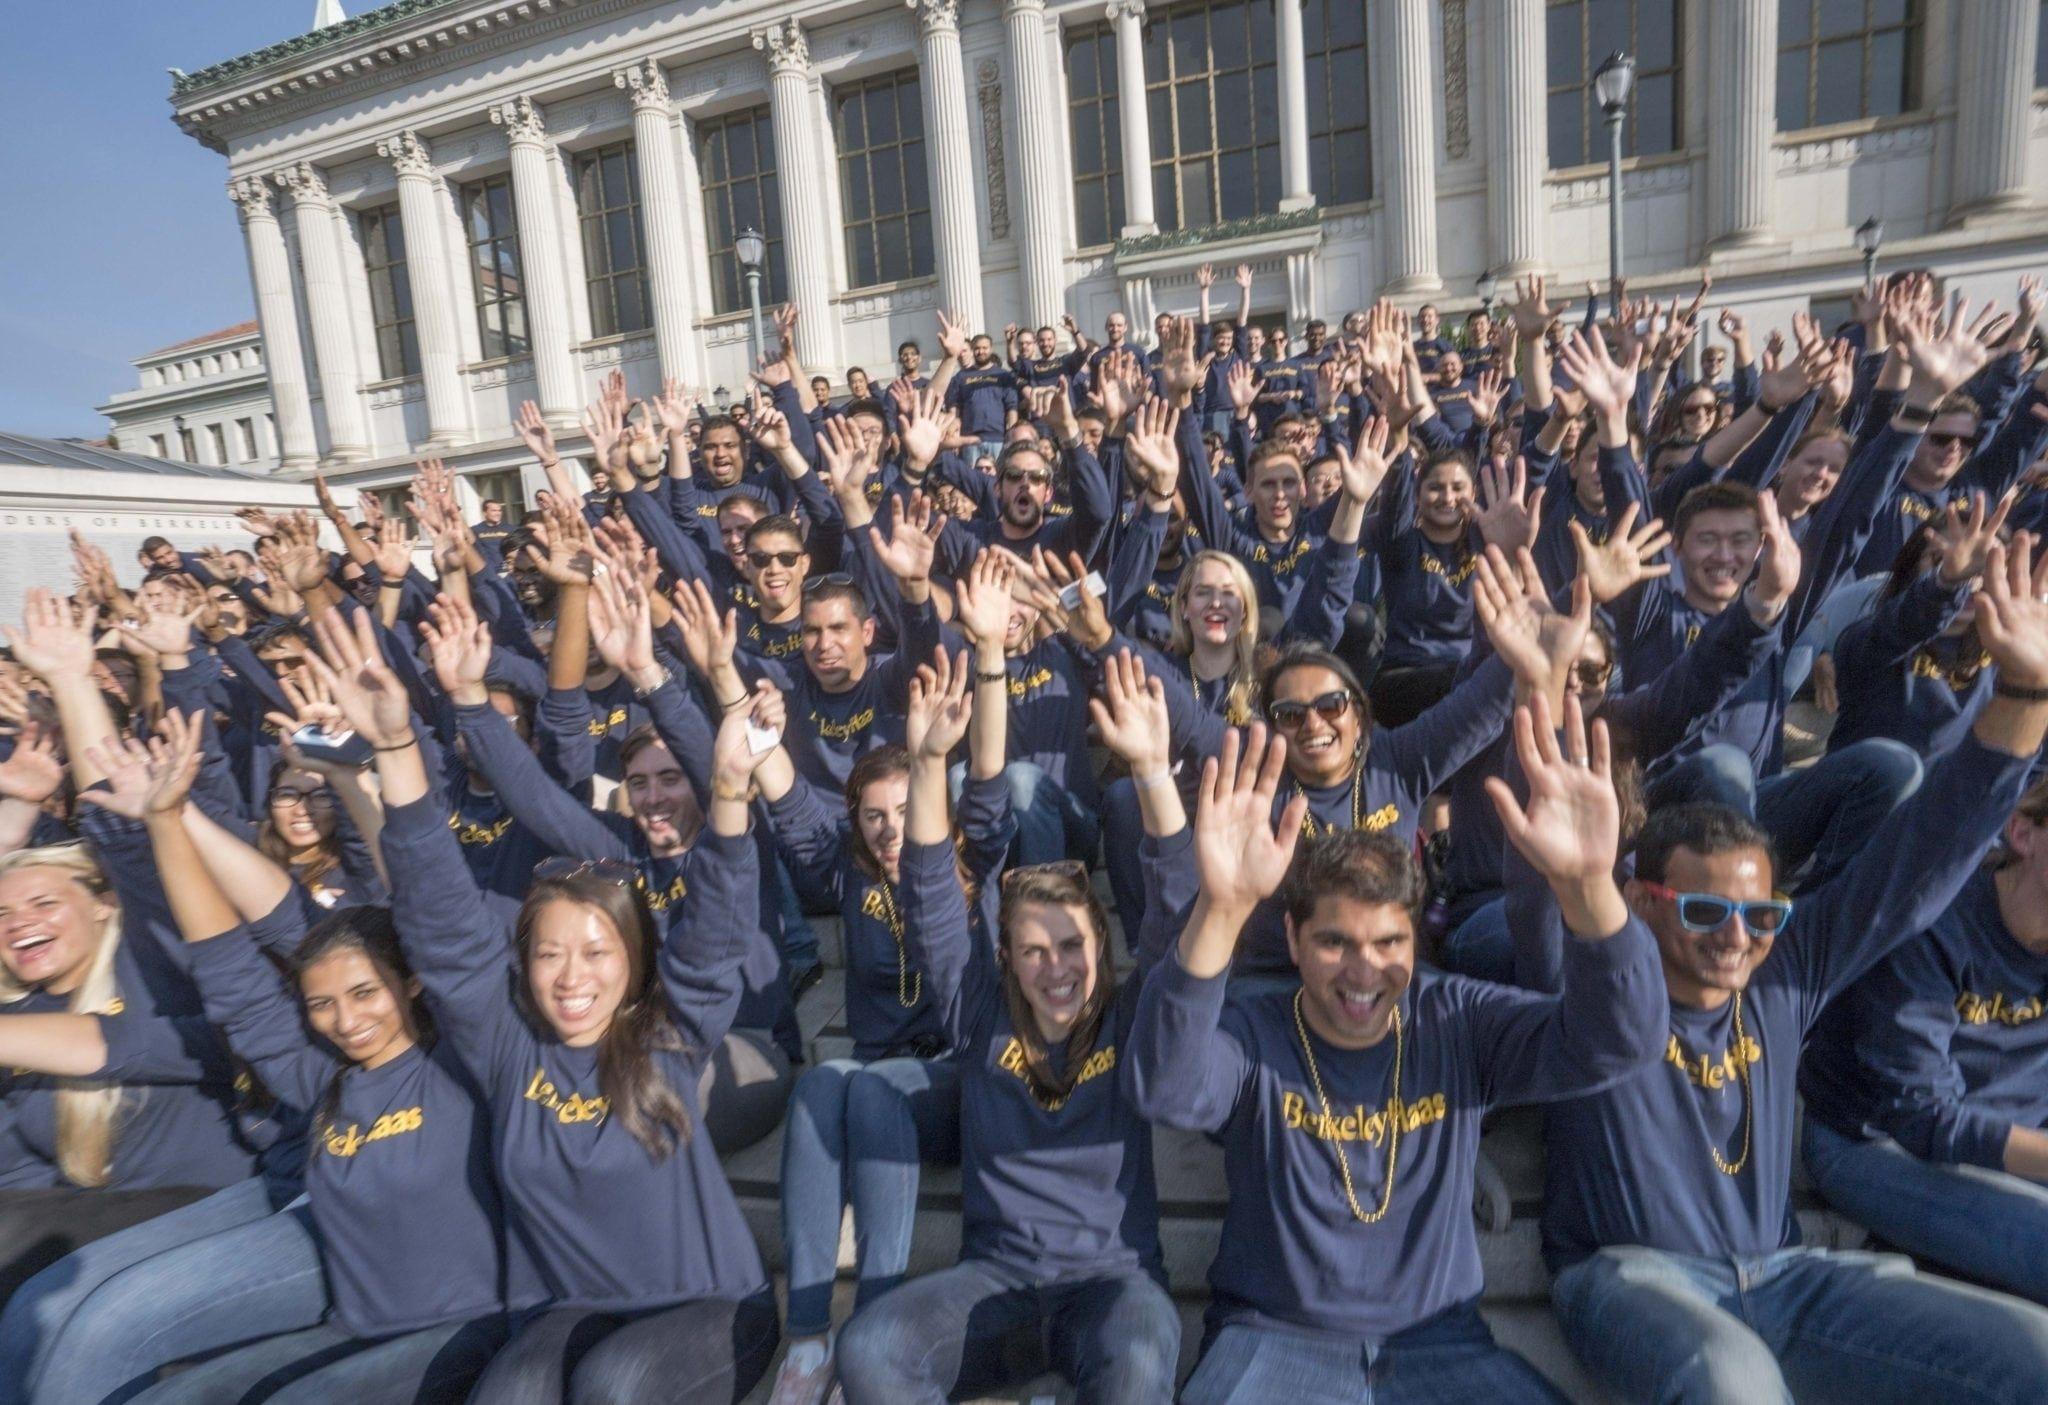 Uc Berkeley Academic Calendar 2019-2020 In 2020 | Academic in Uc Berkeley School Calendar 2019 2020